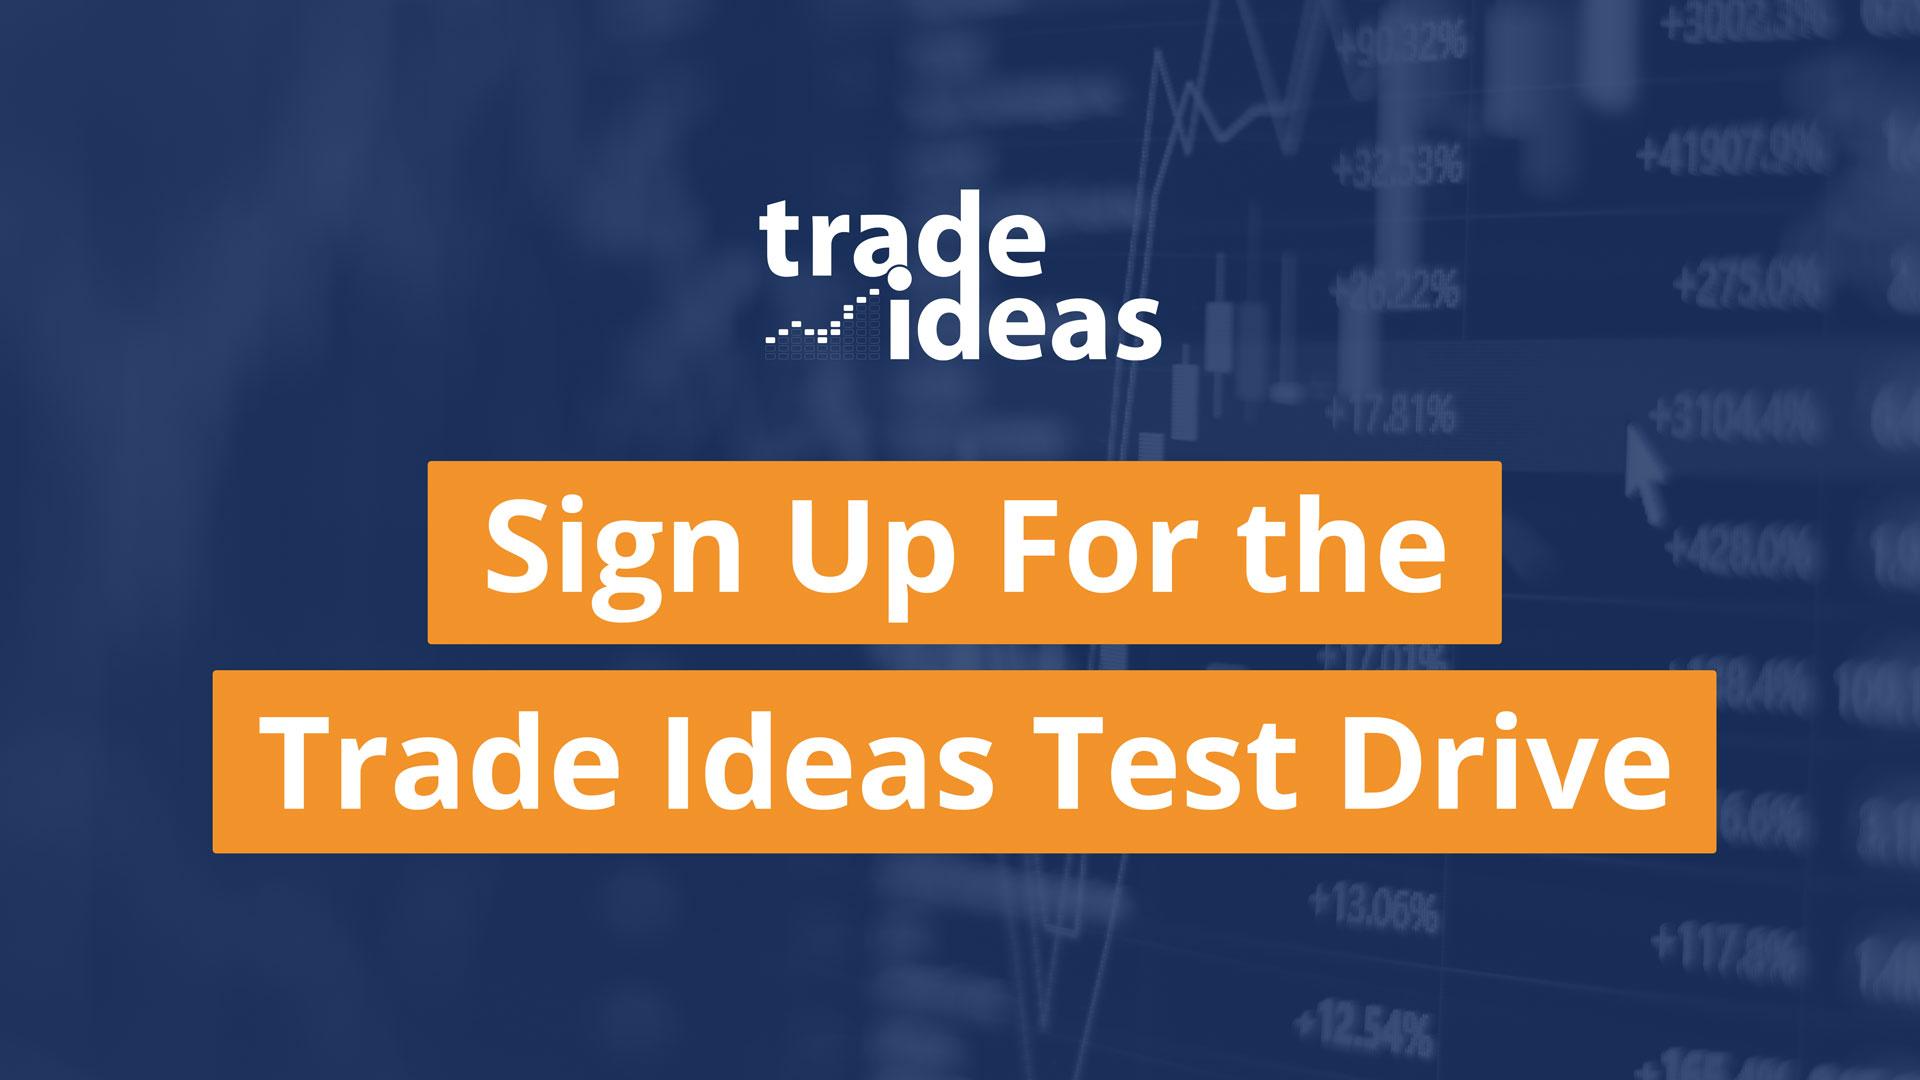 [Trade-Ideas] Testdrive 2021 - 11 Tage alle Funktionen für 7,48€ inkl. Marktdaten für NASDAQ+NYSE (Zeitraum: 10. bis 21. Mai)